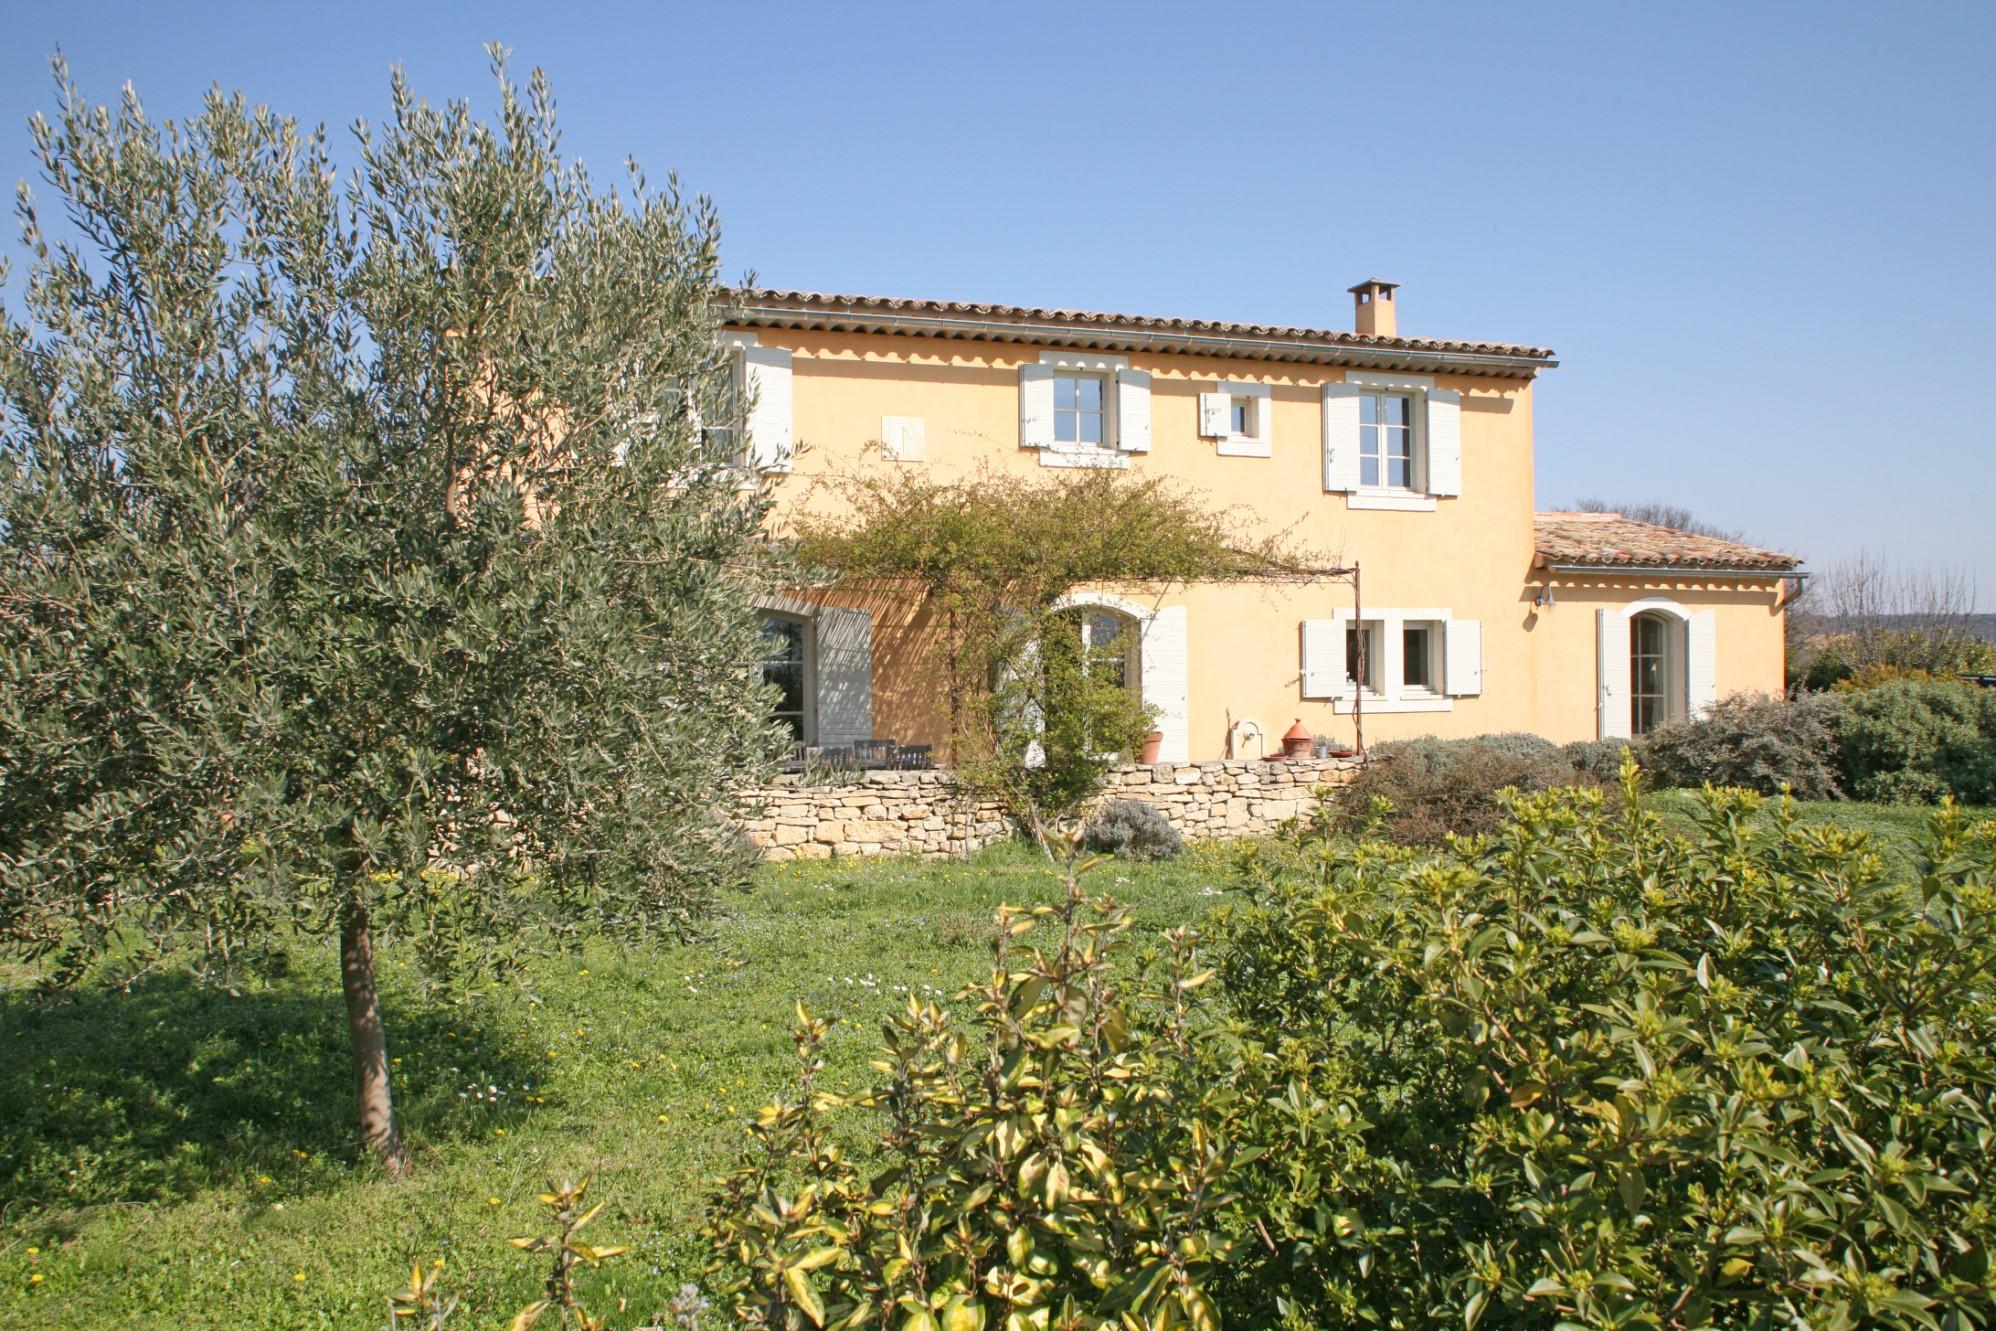 Maison avec jardin et vue en Luberon